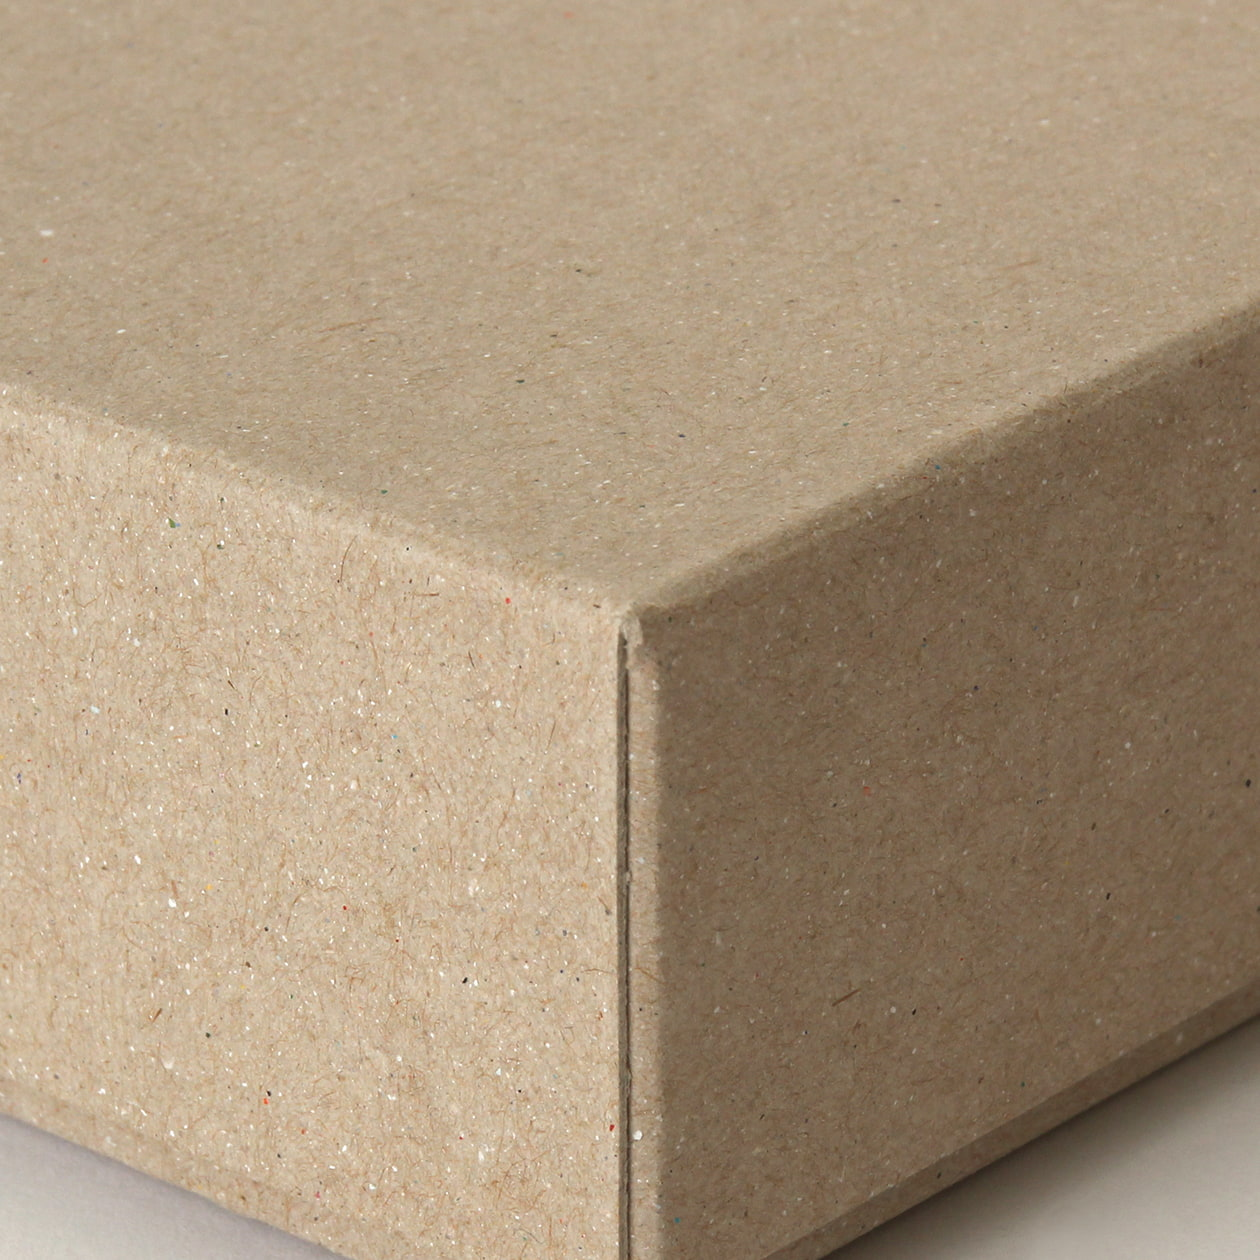 糊どめ箱 サイズXS_1 ボード紙 サンド